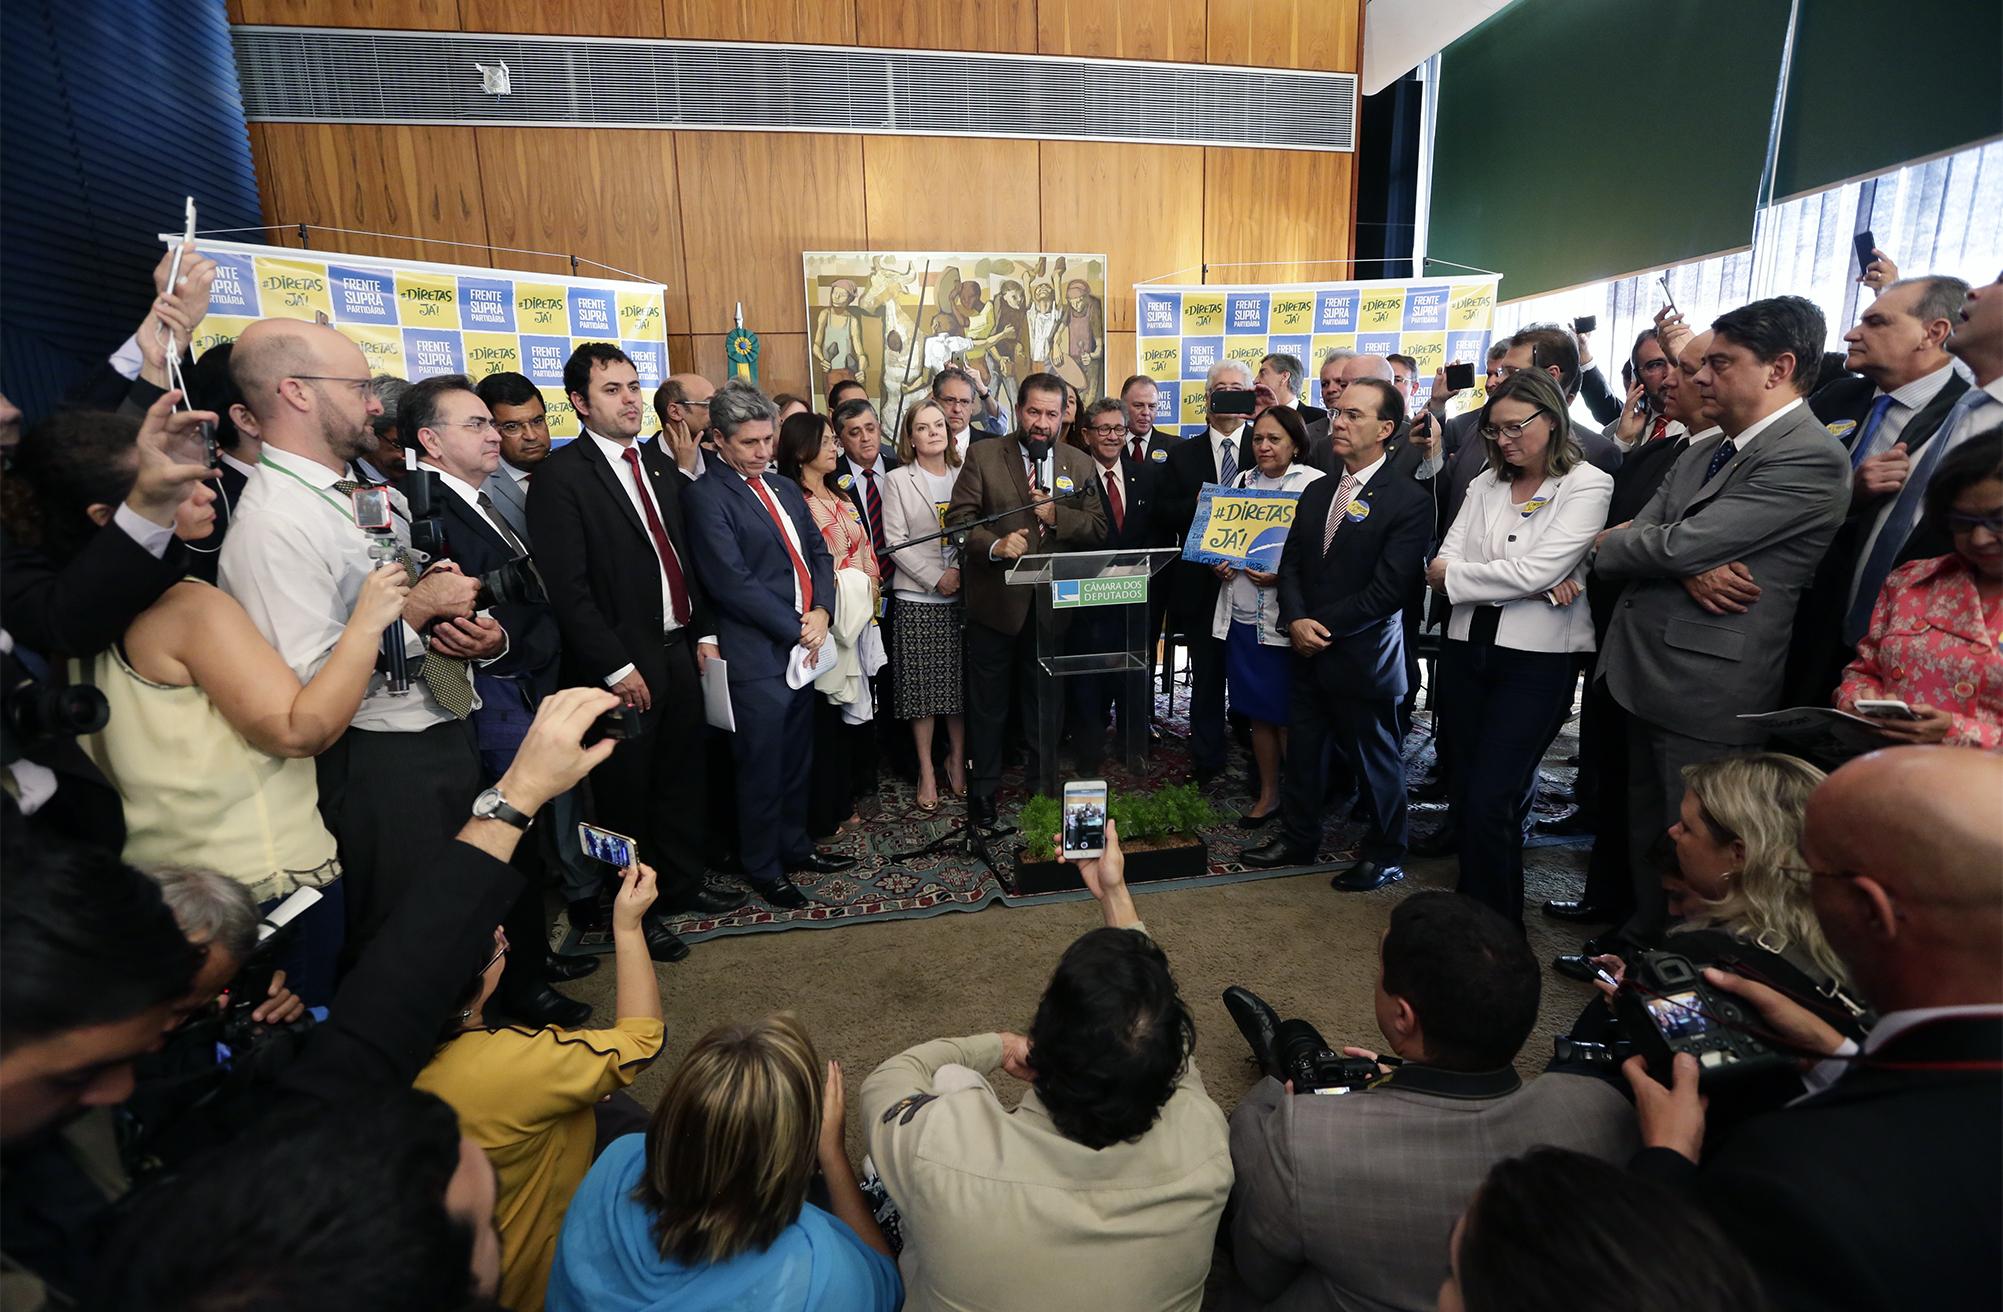 Lançamento da Frente. Carlos Lupi